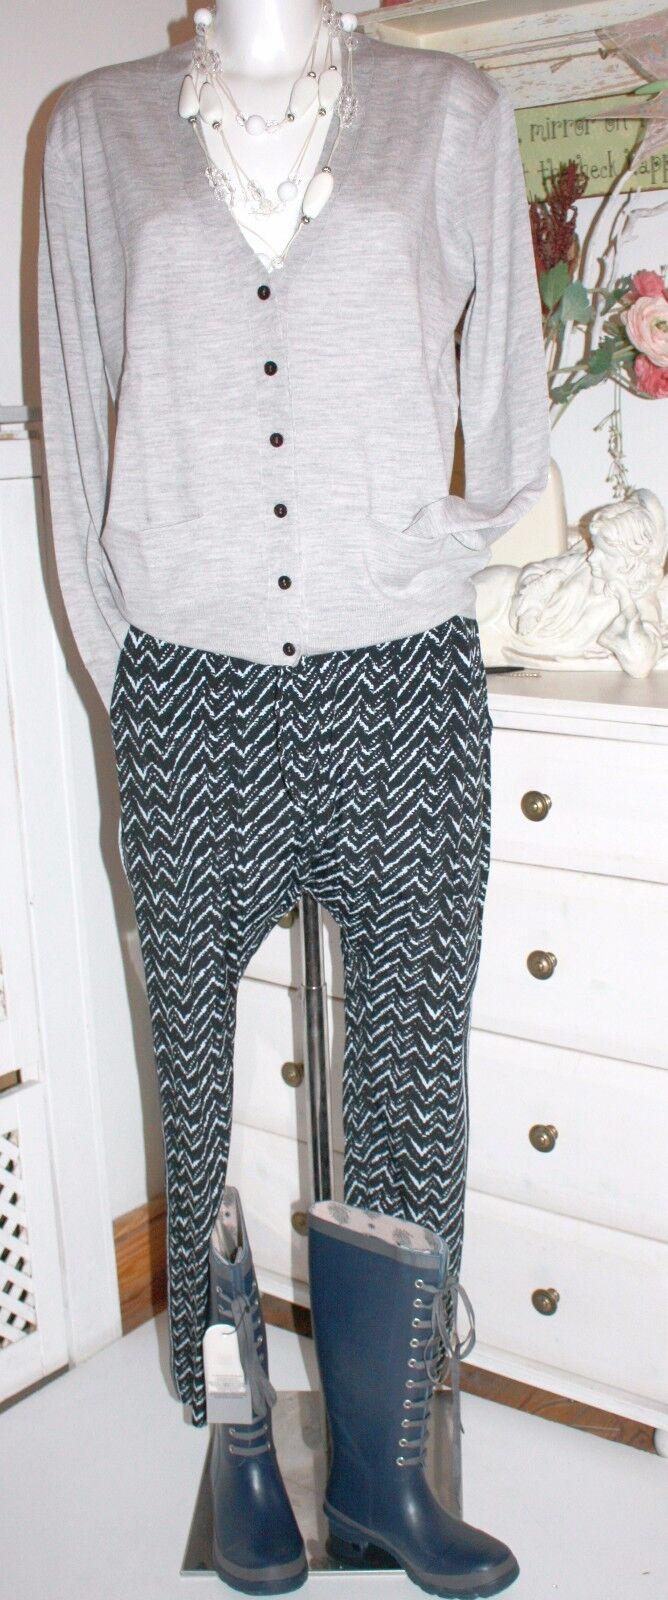 Noa Noa Pluder Hose Pants  Printed Moss Crepe Viscose Print bluee  size  34 Neu